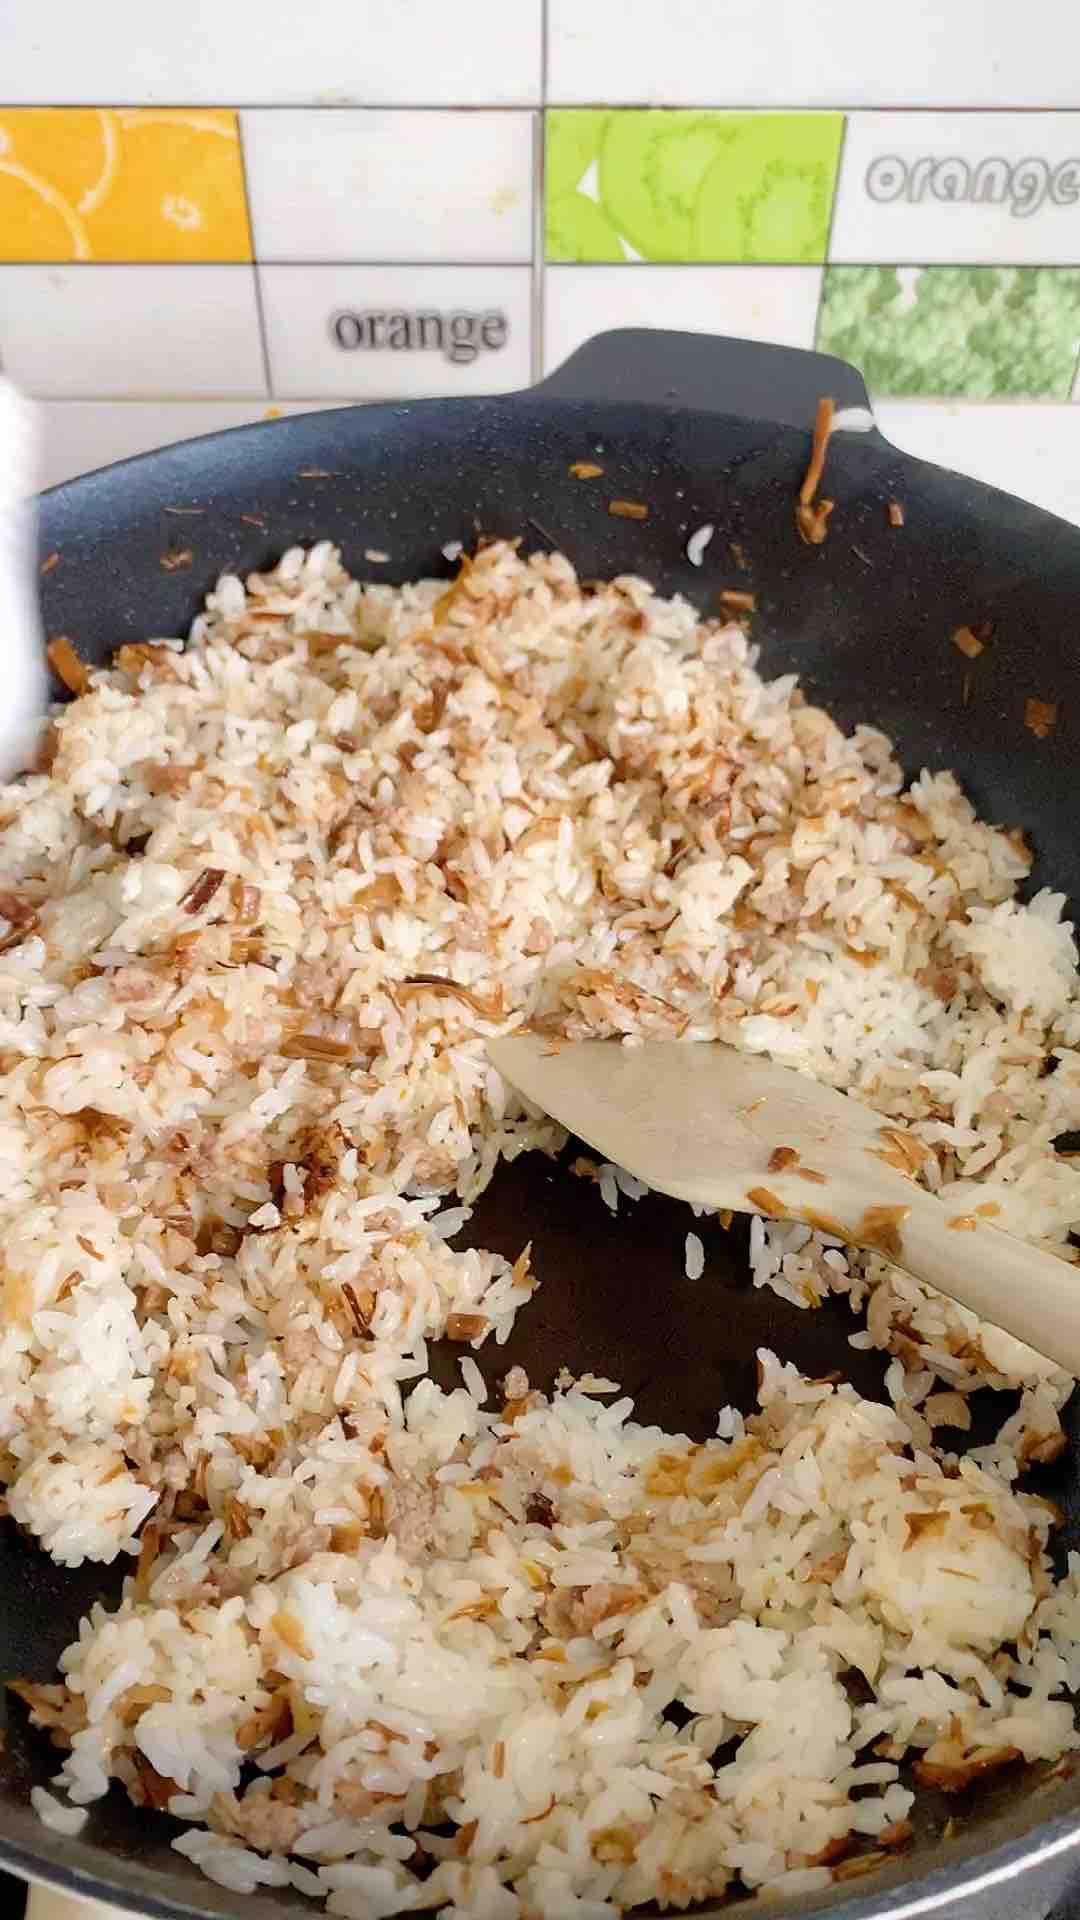 洋葱肉末炒饭的简单做法